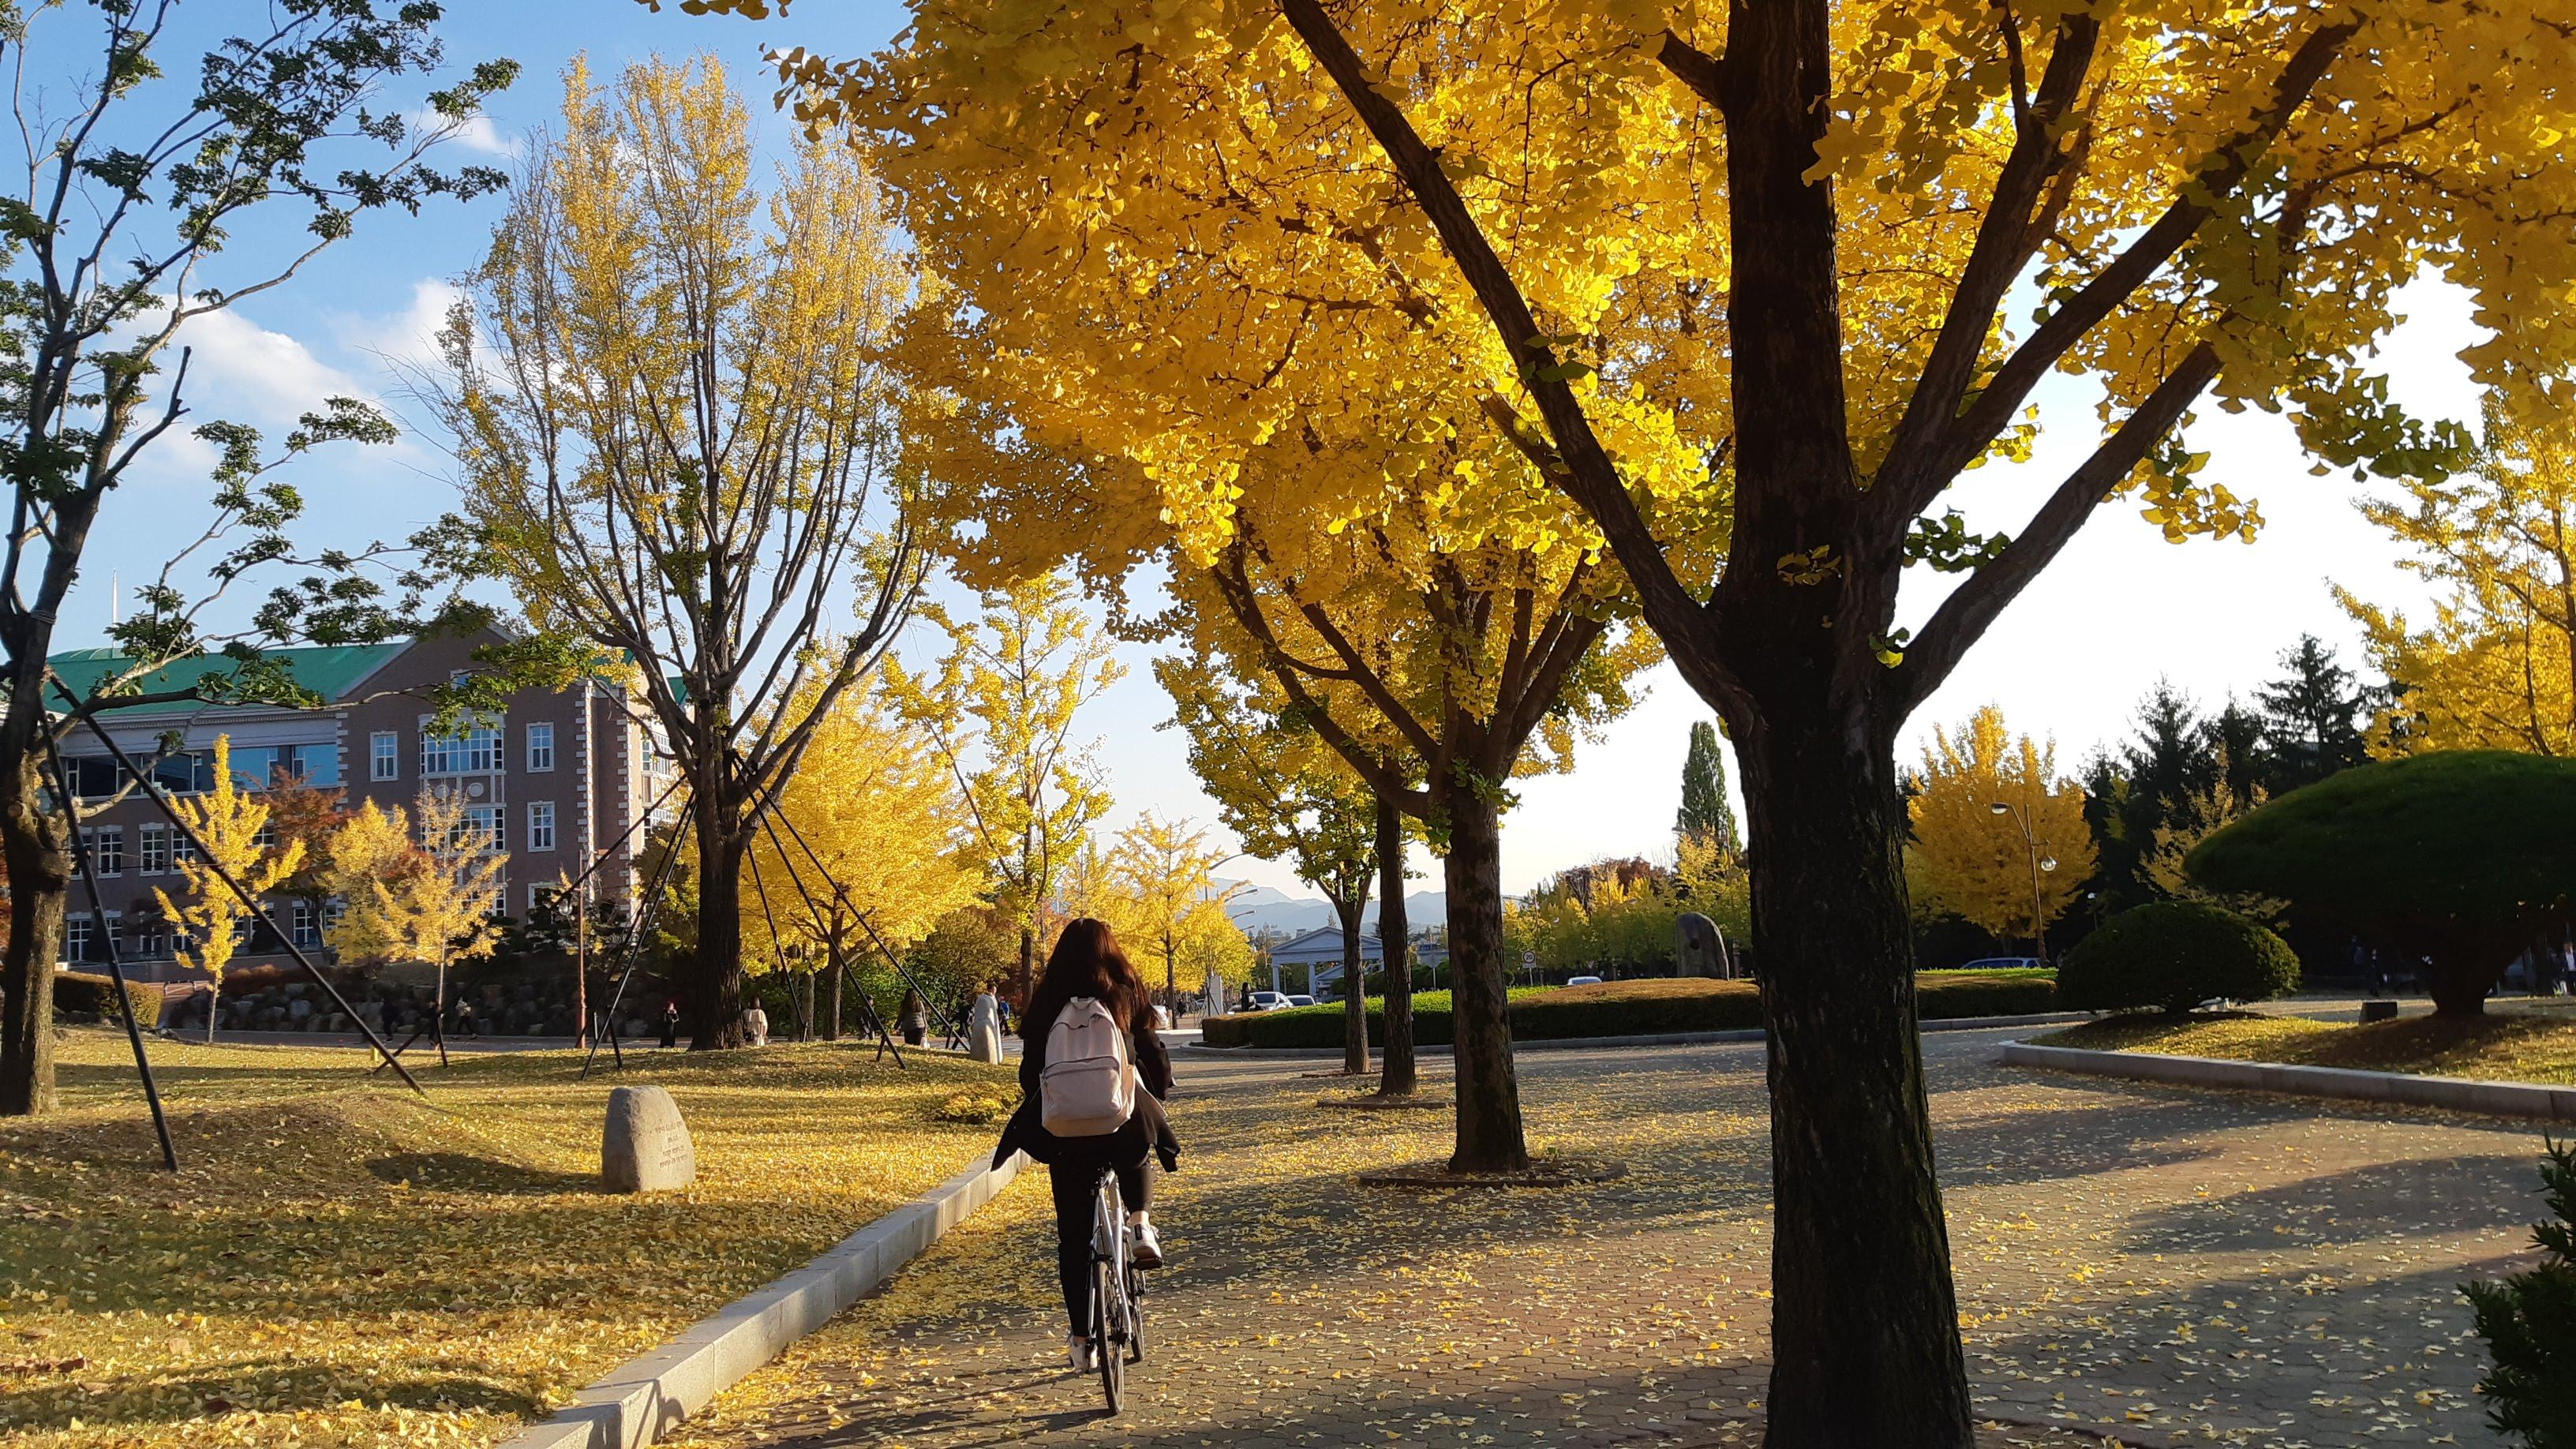 【韓國 - 啟明大學】金黃色的樹葉映出了秋意,有了陽光的照耀,樹枝上的樹葉更顯得神采洋溢,偶爾隨著微風翩翩起舞,然後輕飄飄的落到路面,泰然自若地躺在路旁休息。                                                               (UE4B 陳曉萍)